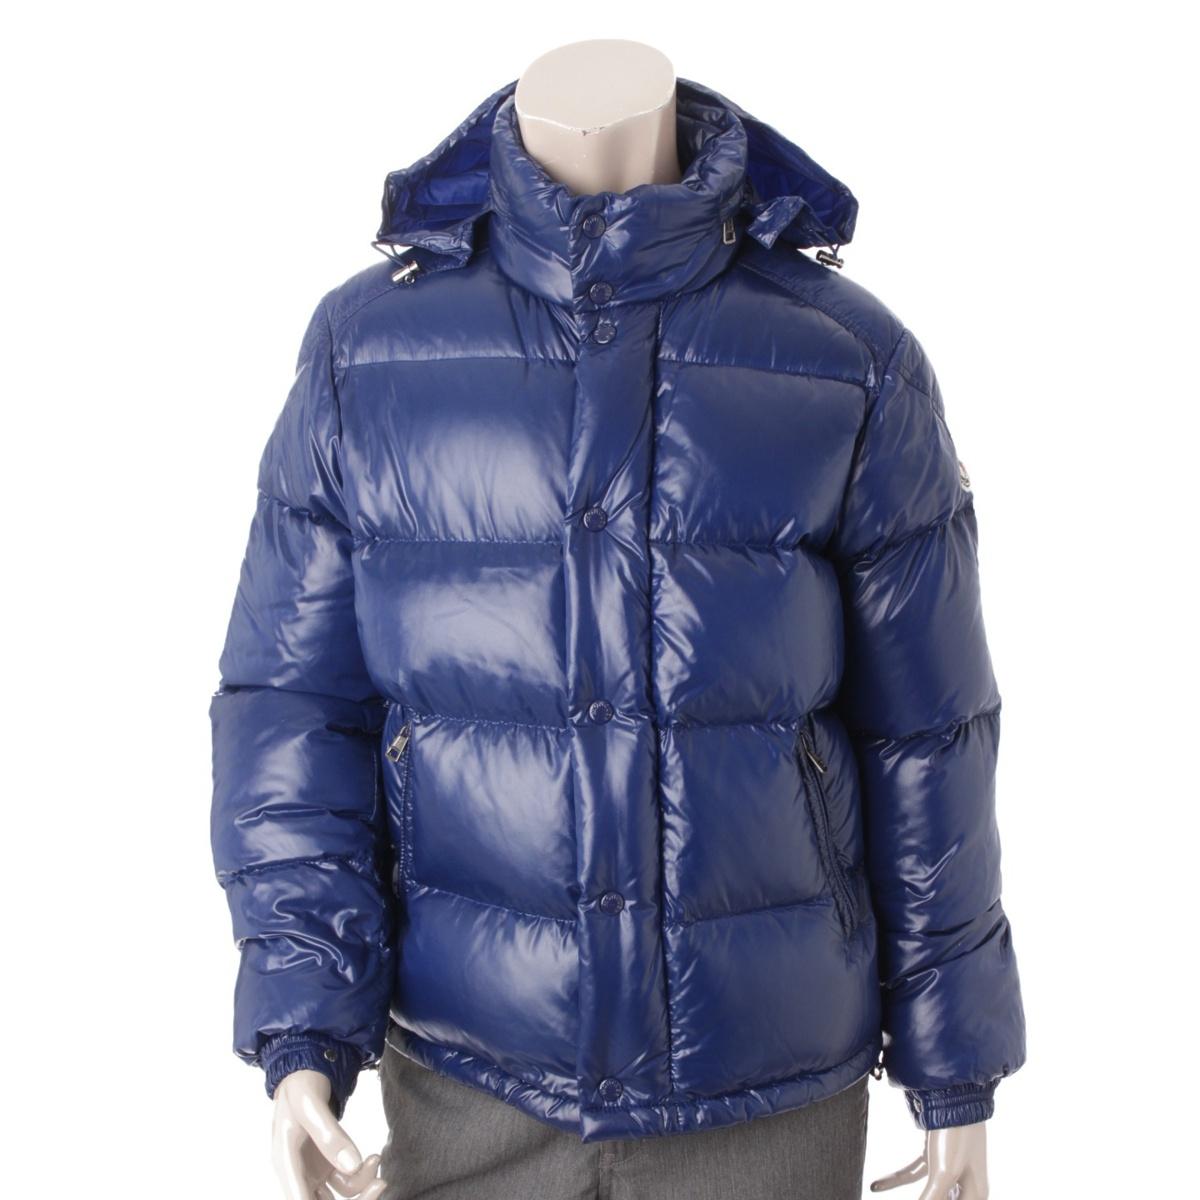 【モンクレール】Moncler EVER エバー ダウンジャケット 41301 ブルー 1 【中古】【鑑定済・正規品保証】54625